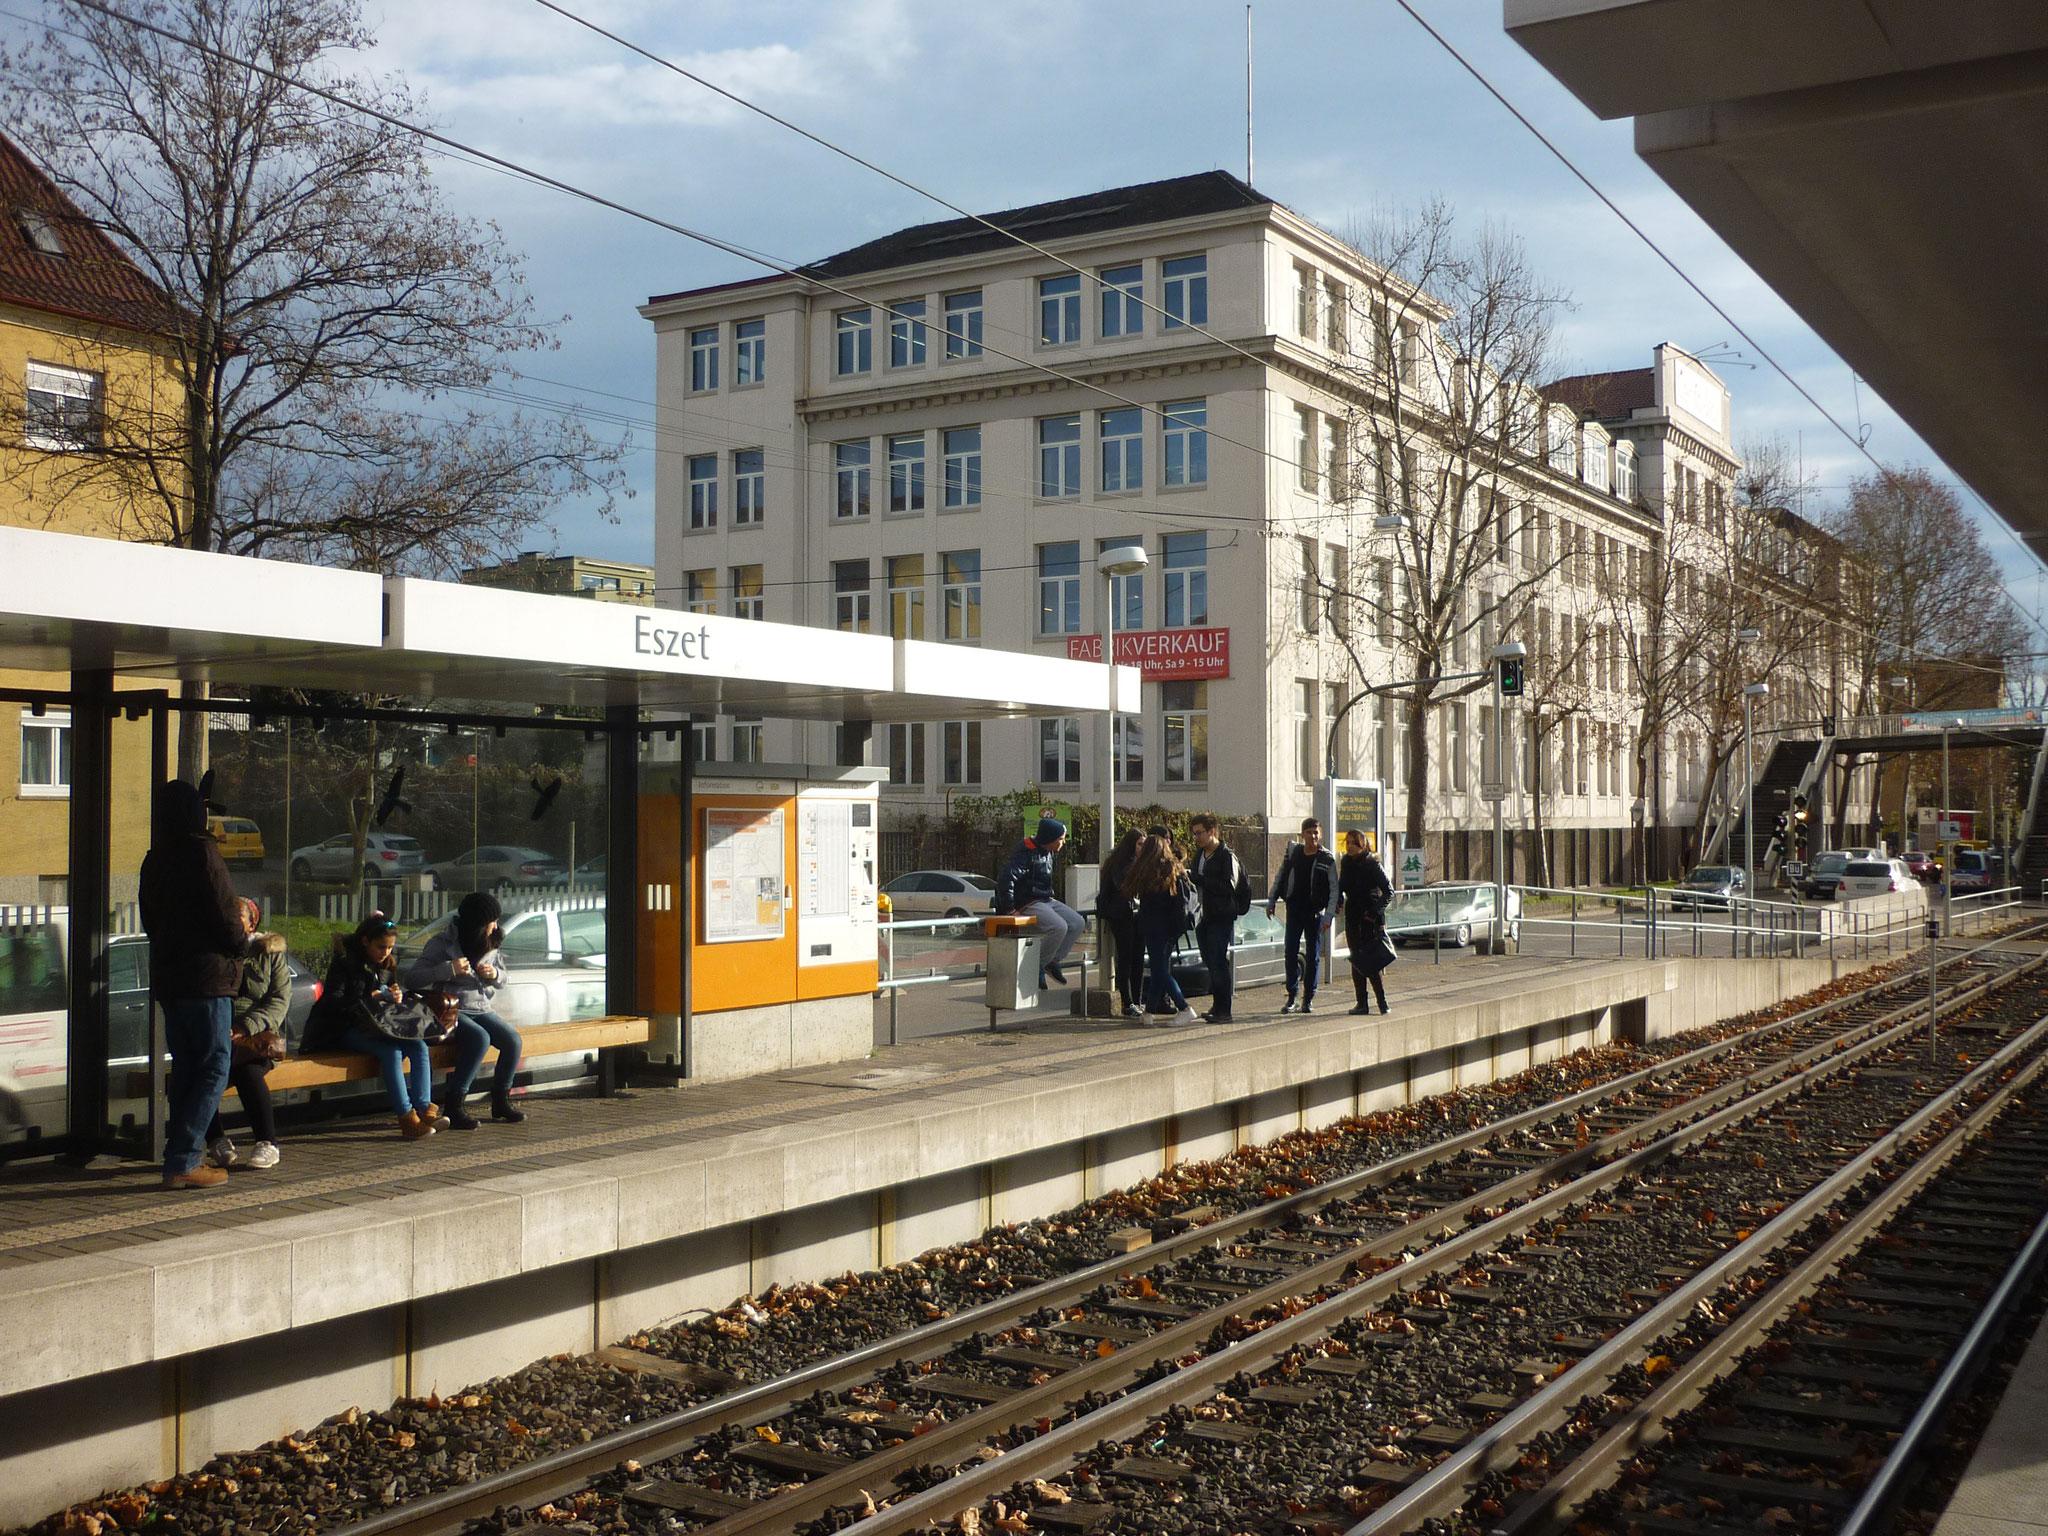 Die ESZET-Haltestelle in Untertürkheim: Stuttgarts Schokoladenseite